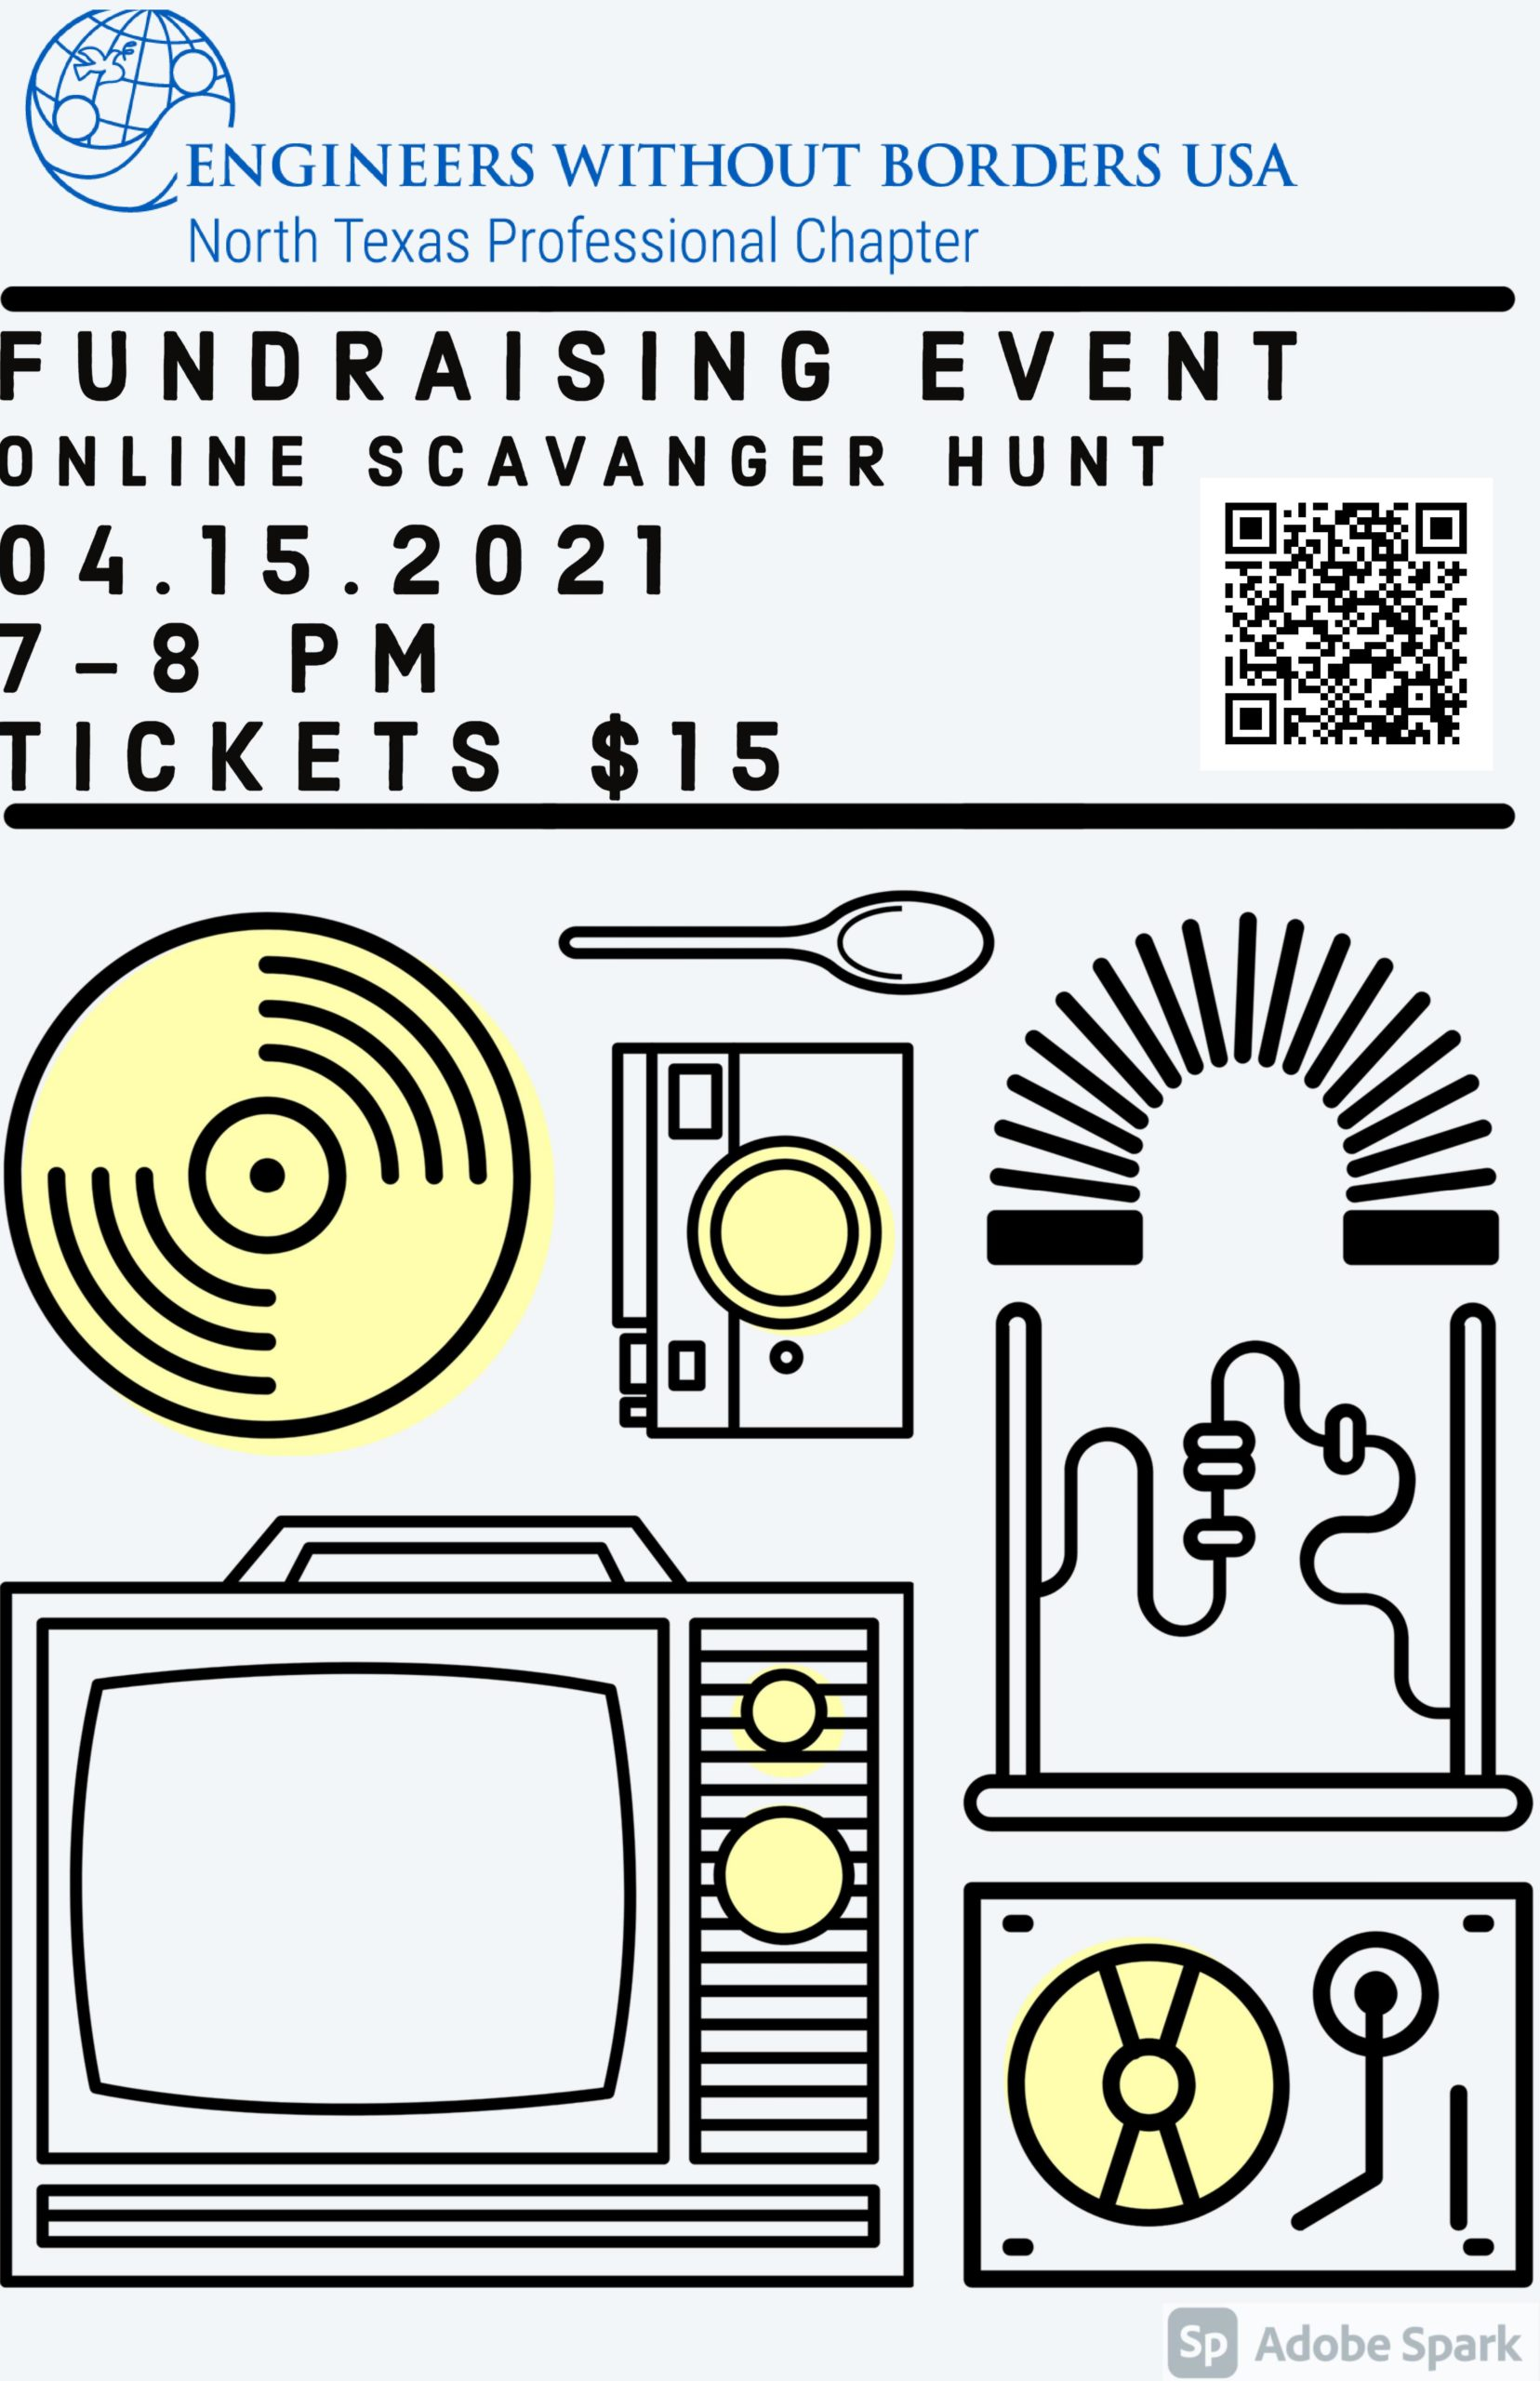 OnlineScavangerHunt2021